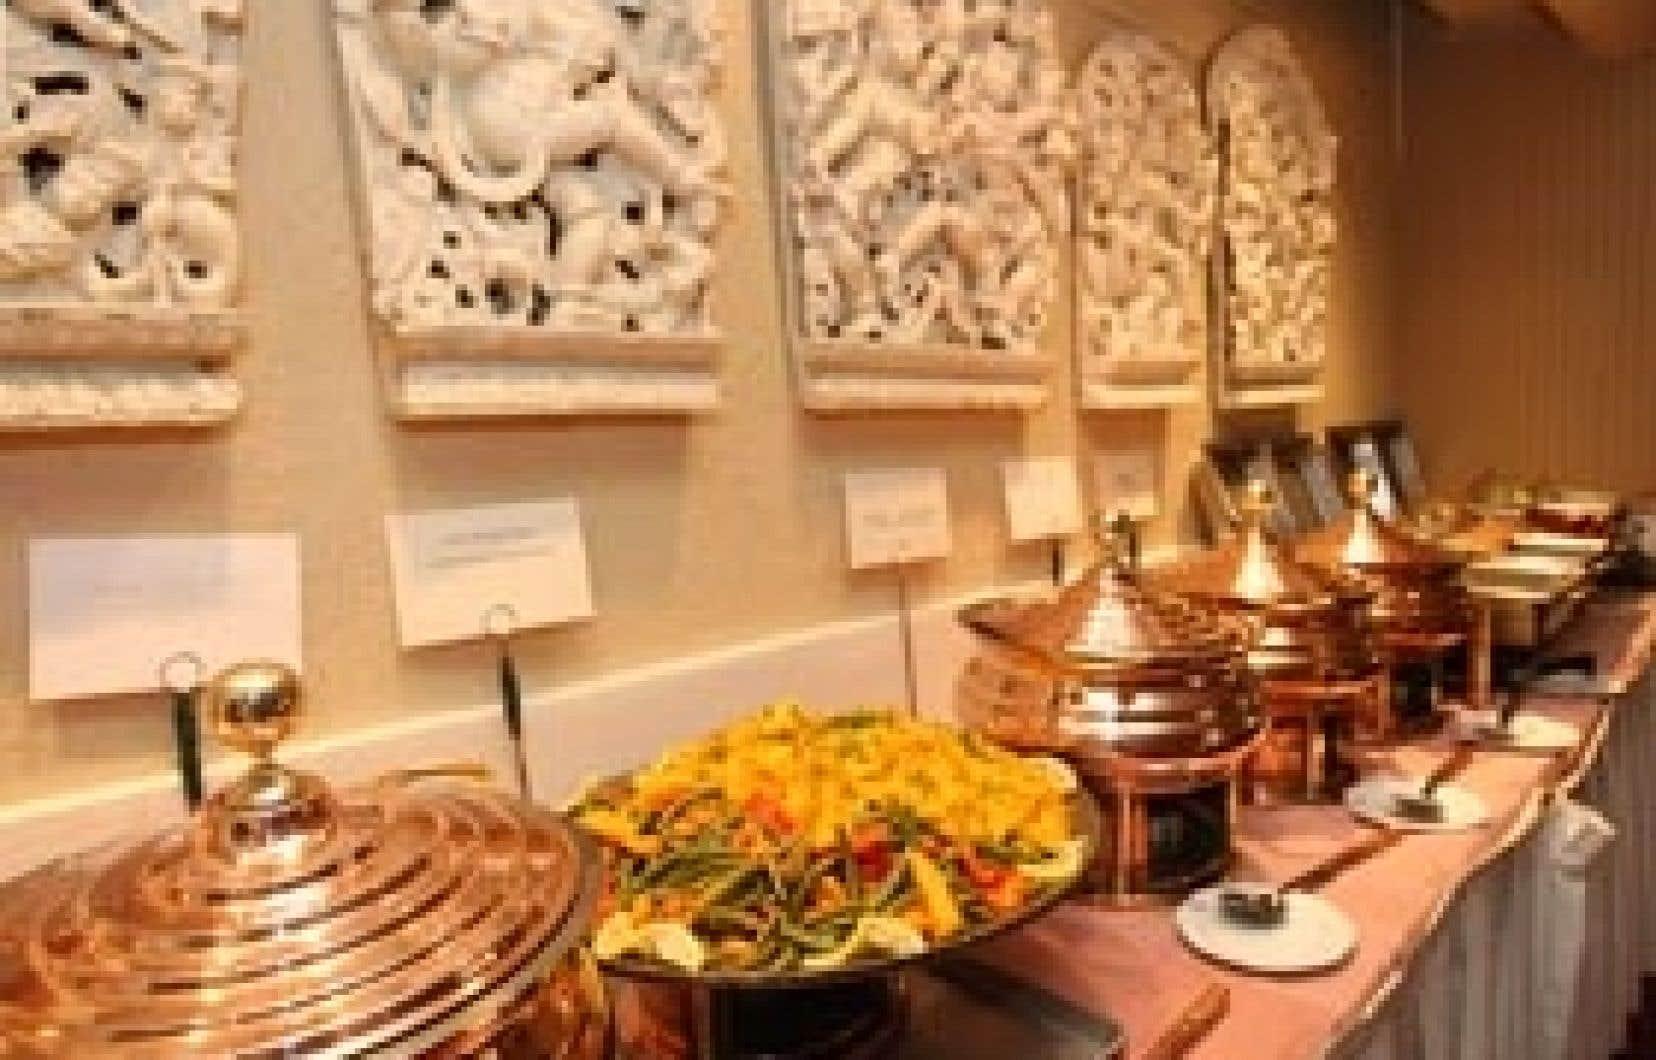 Le midi, la formule du restaurant Le Taj attire les foules, qui pour quelques dollars peuvent se permettre un survol de la cuisine indienne.